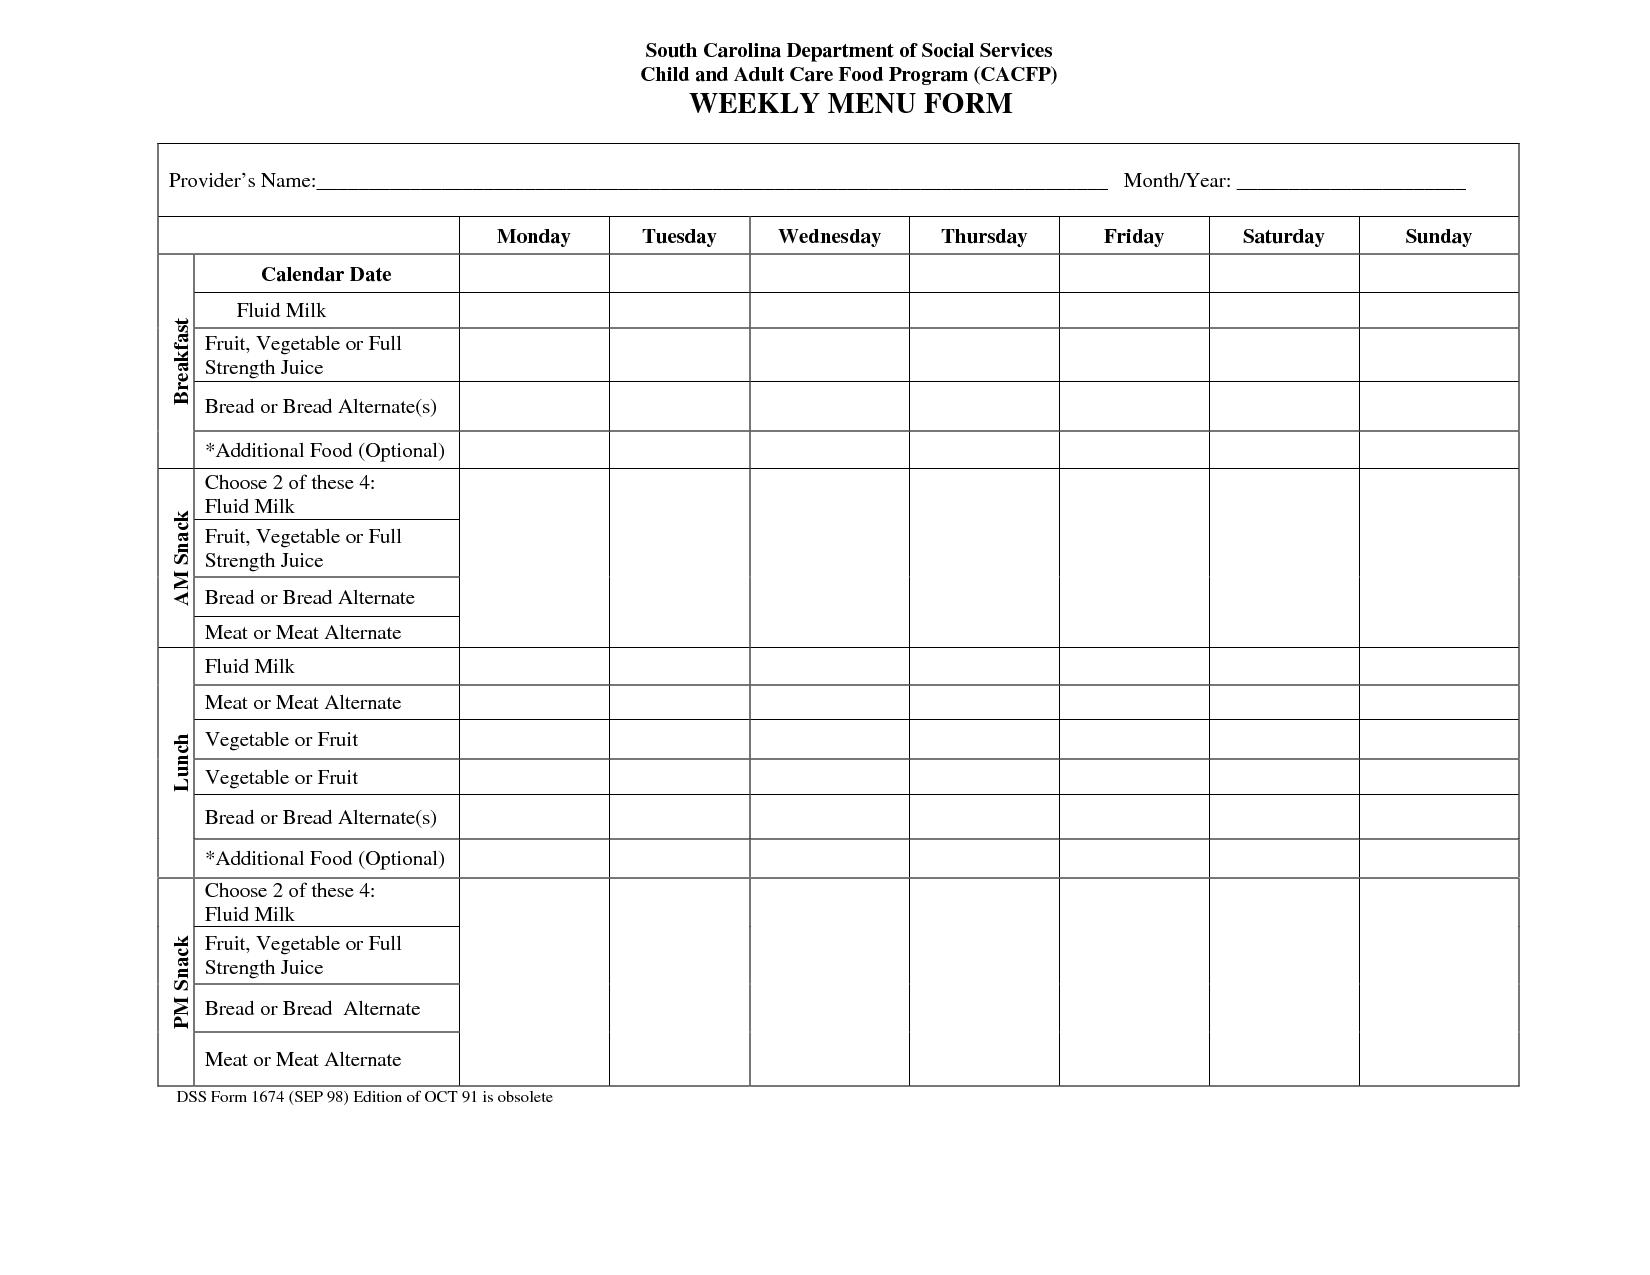 Blank Weekly Menu Calendar In 2020 | Daycare Menu, Menu